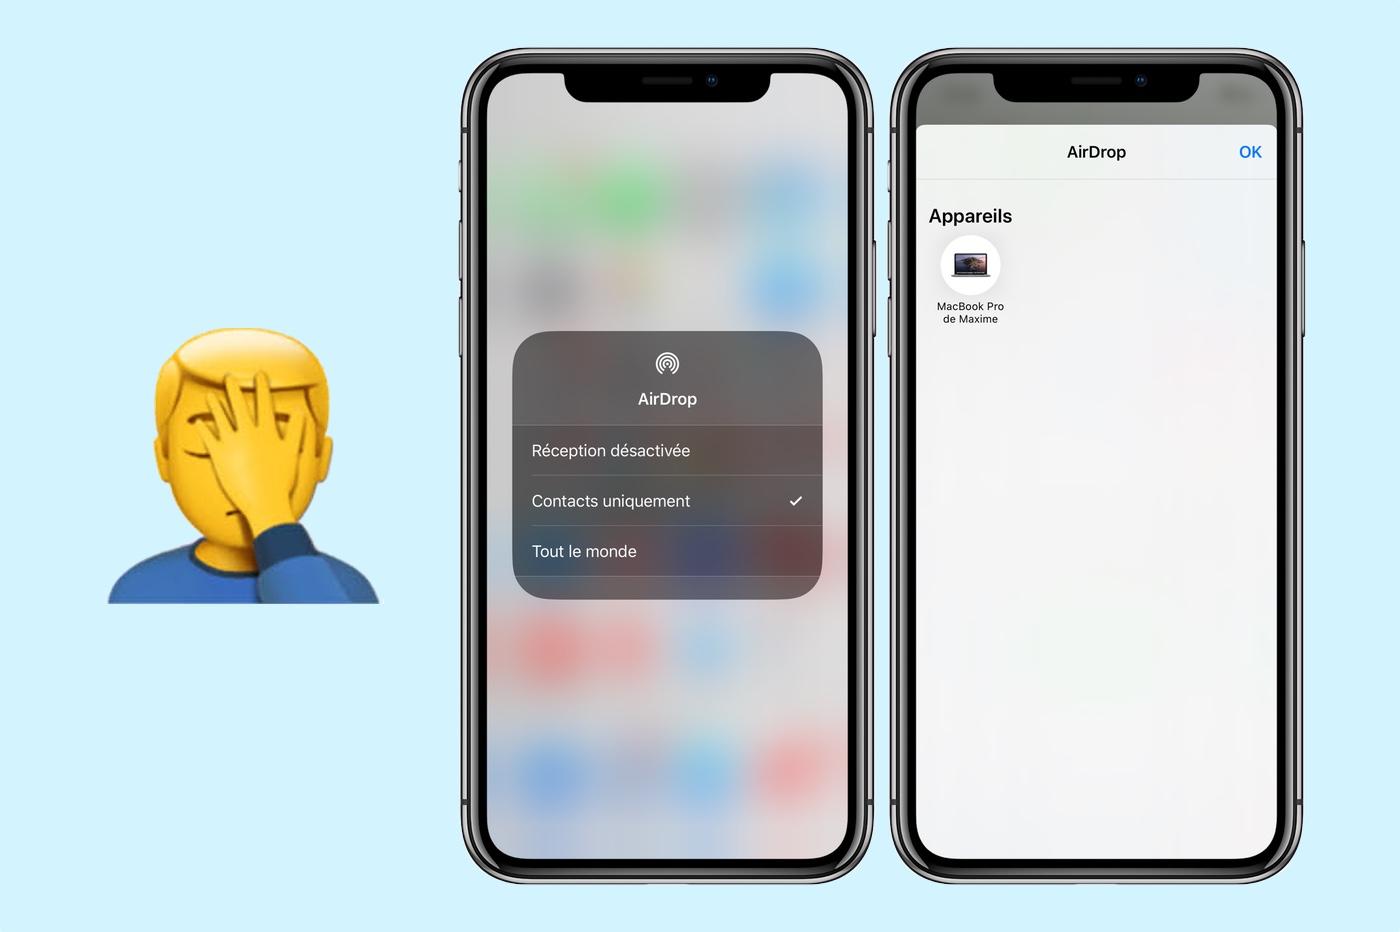 iPhone 11 et 11 Pro : AirDrop ne fonctionne plus ? C'est un nouveau bug d'iOS 13.1.3 1